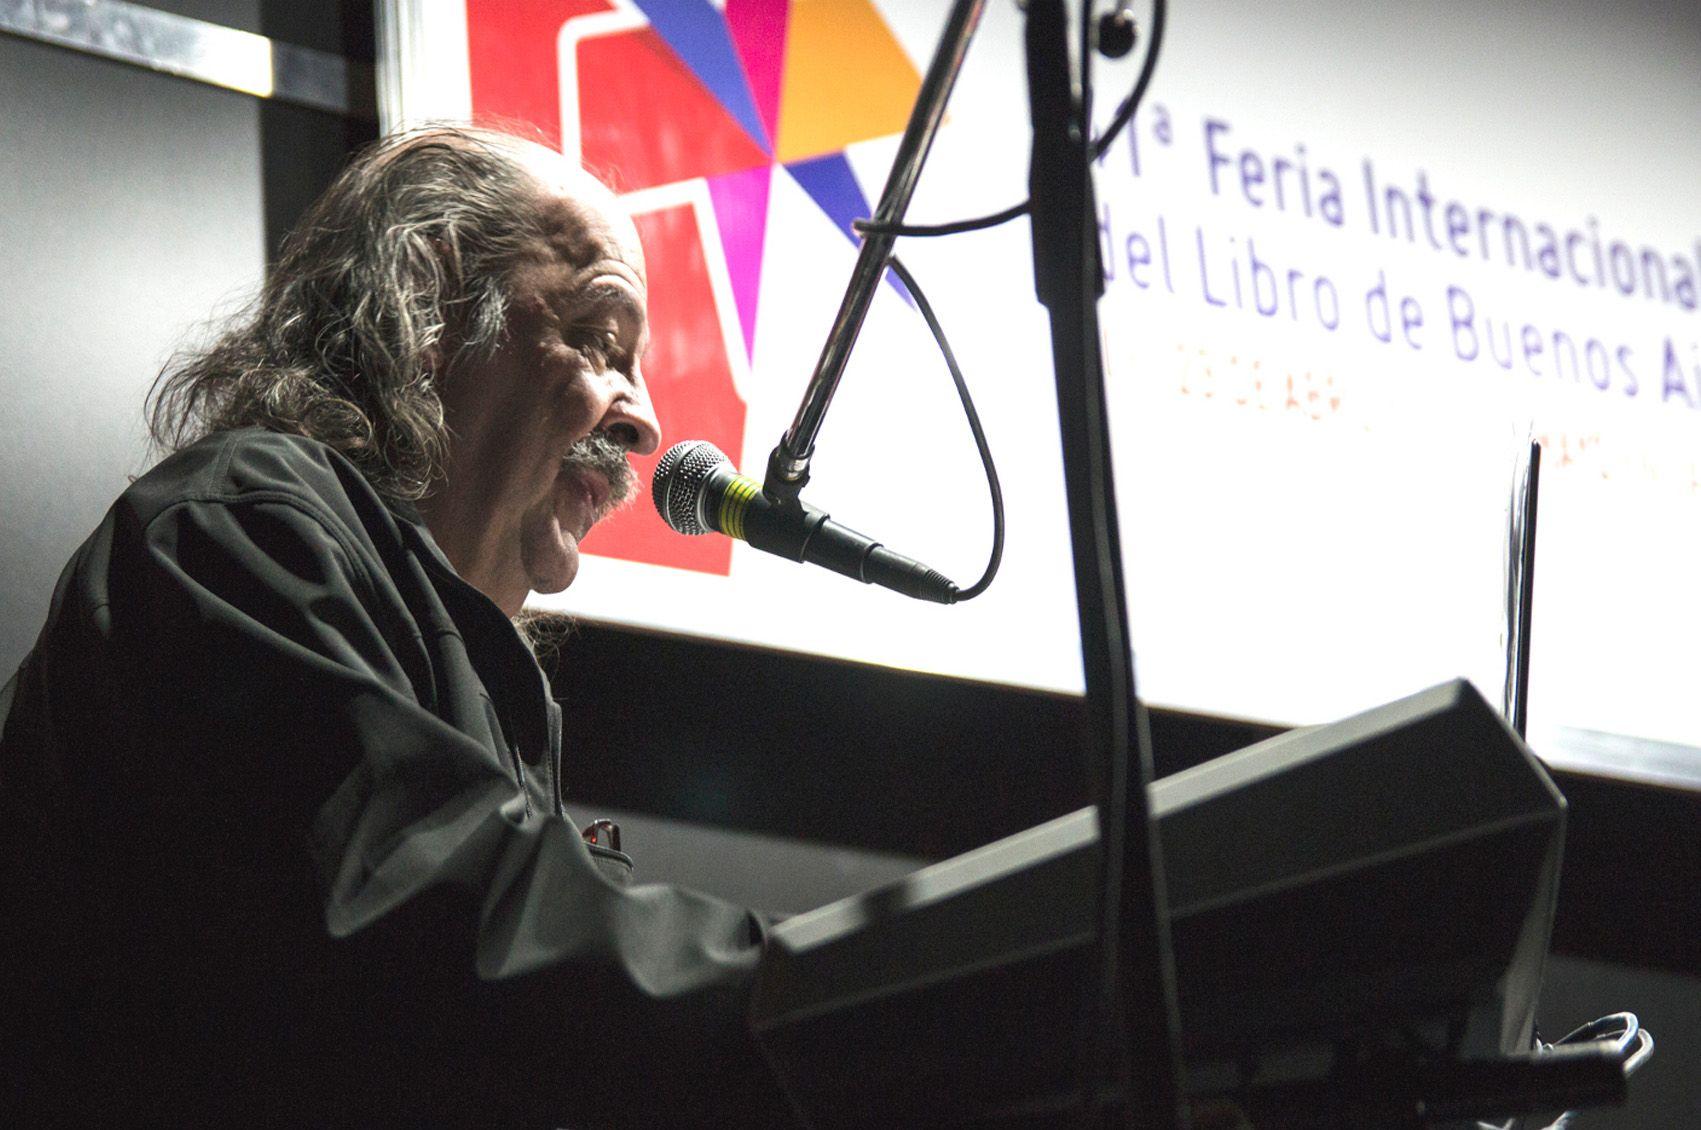 Nebbia cerró la jornada con una presentación acústica./ Secretaría Comunicación Social.